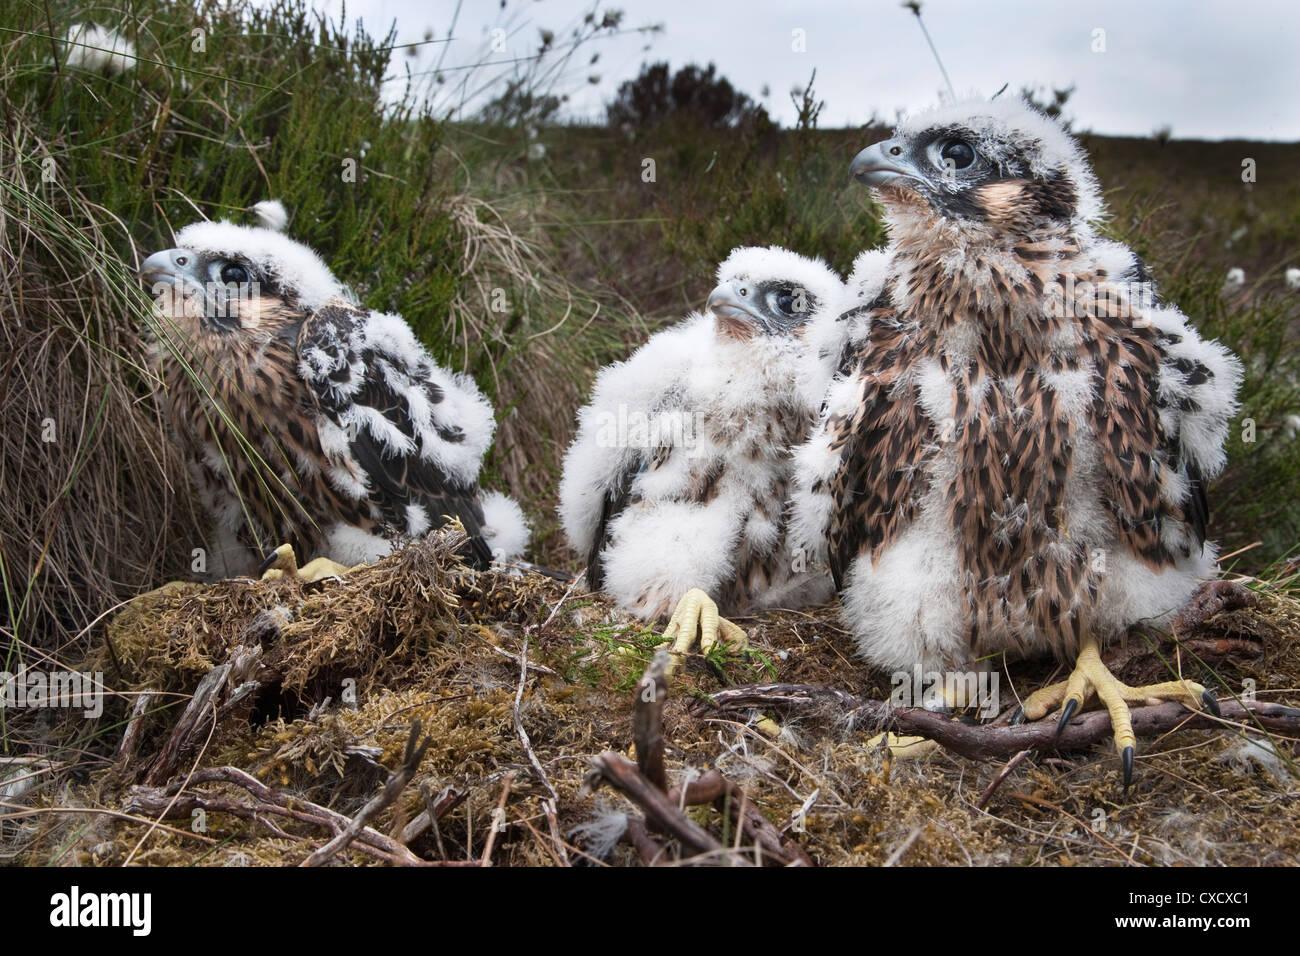 Pollitos peregrino (Falco peregrinus), tras ser anillados, Parque Nacional de Northumberland, Inglaterra, Reino Unido, Europa Foto de stock